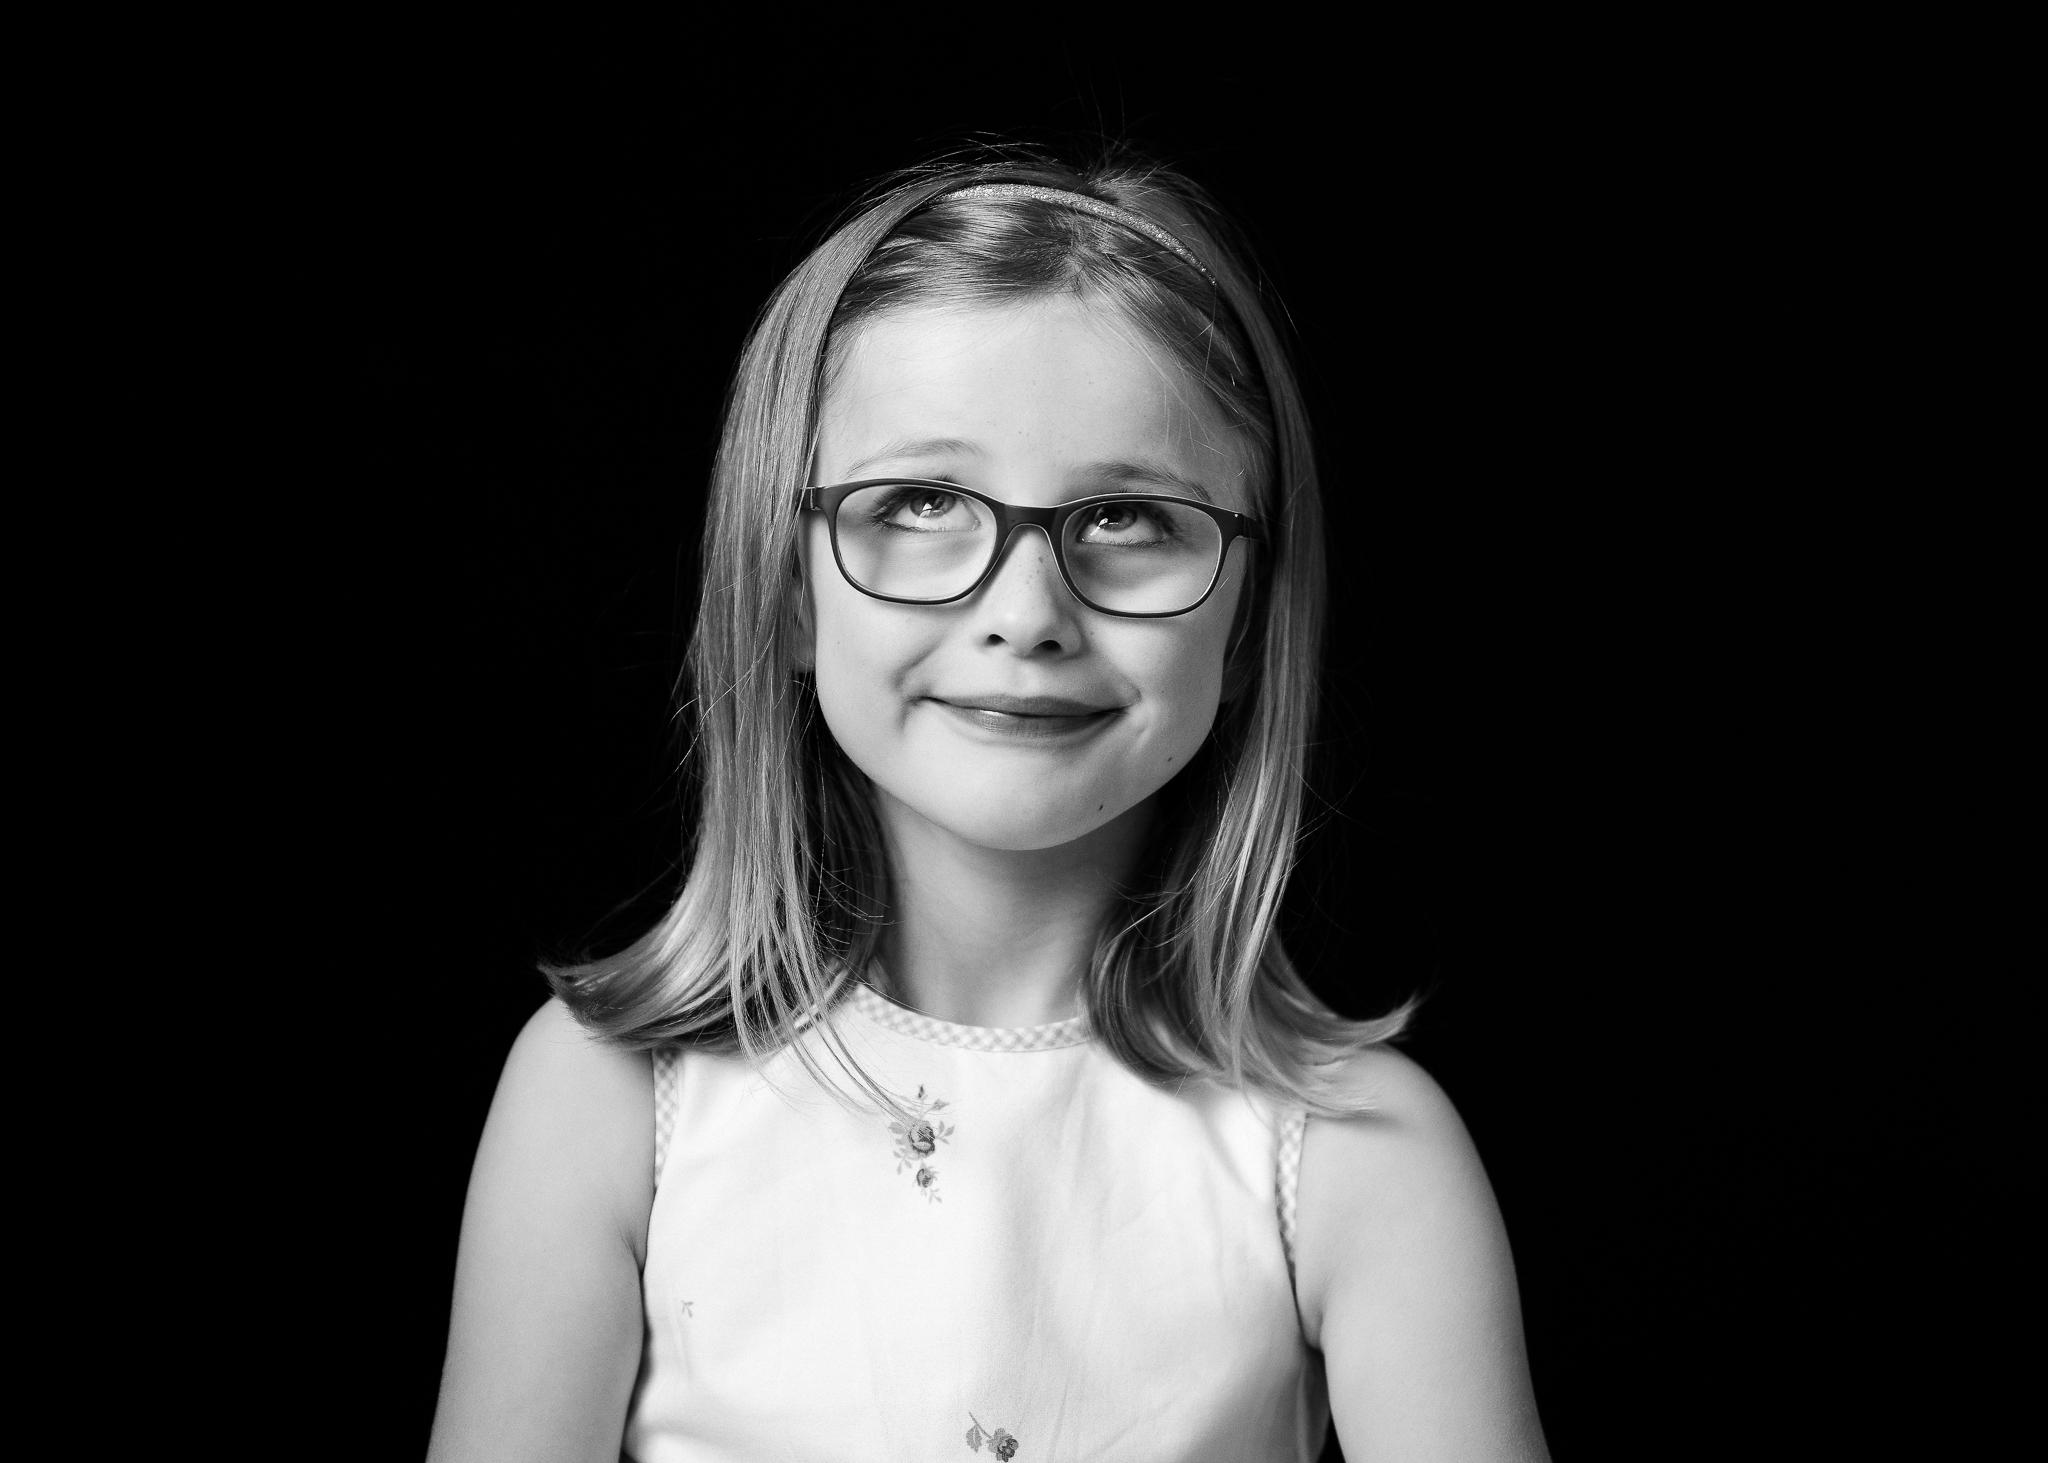 BANCHORY PHOTOGRAPHER ABERDEEN CHILDRENS PHOTOGRAPHER-1.jpg